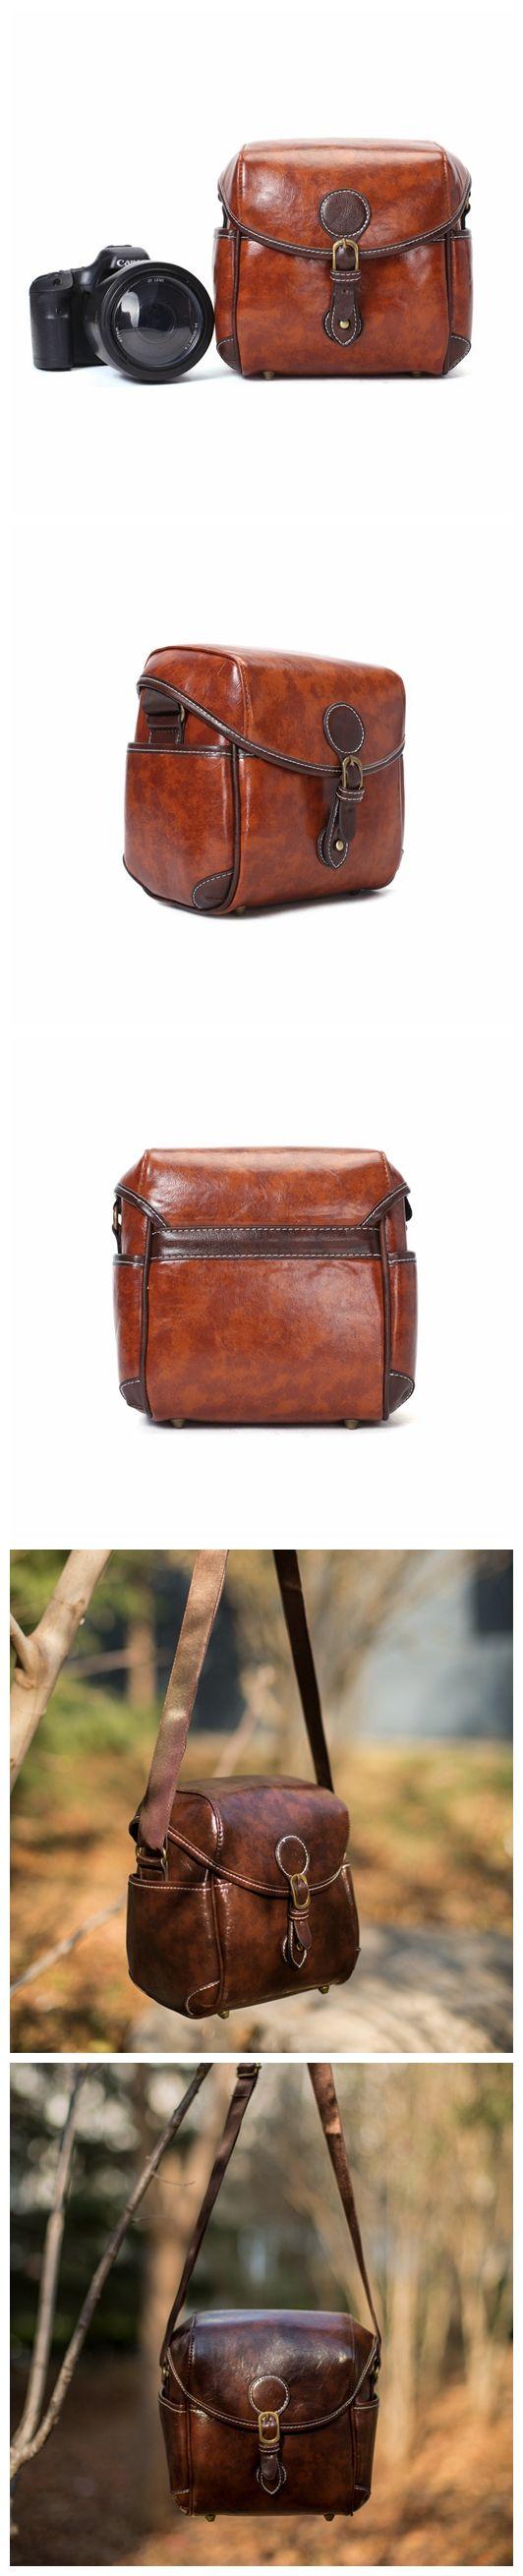 Flash Sale PU Leather DSLR Camera Purse, Vintage SLR Camera Case PU02 #camerapurse